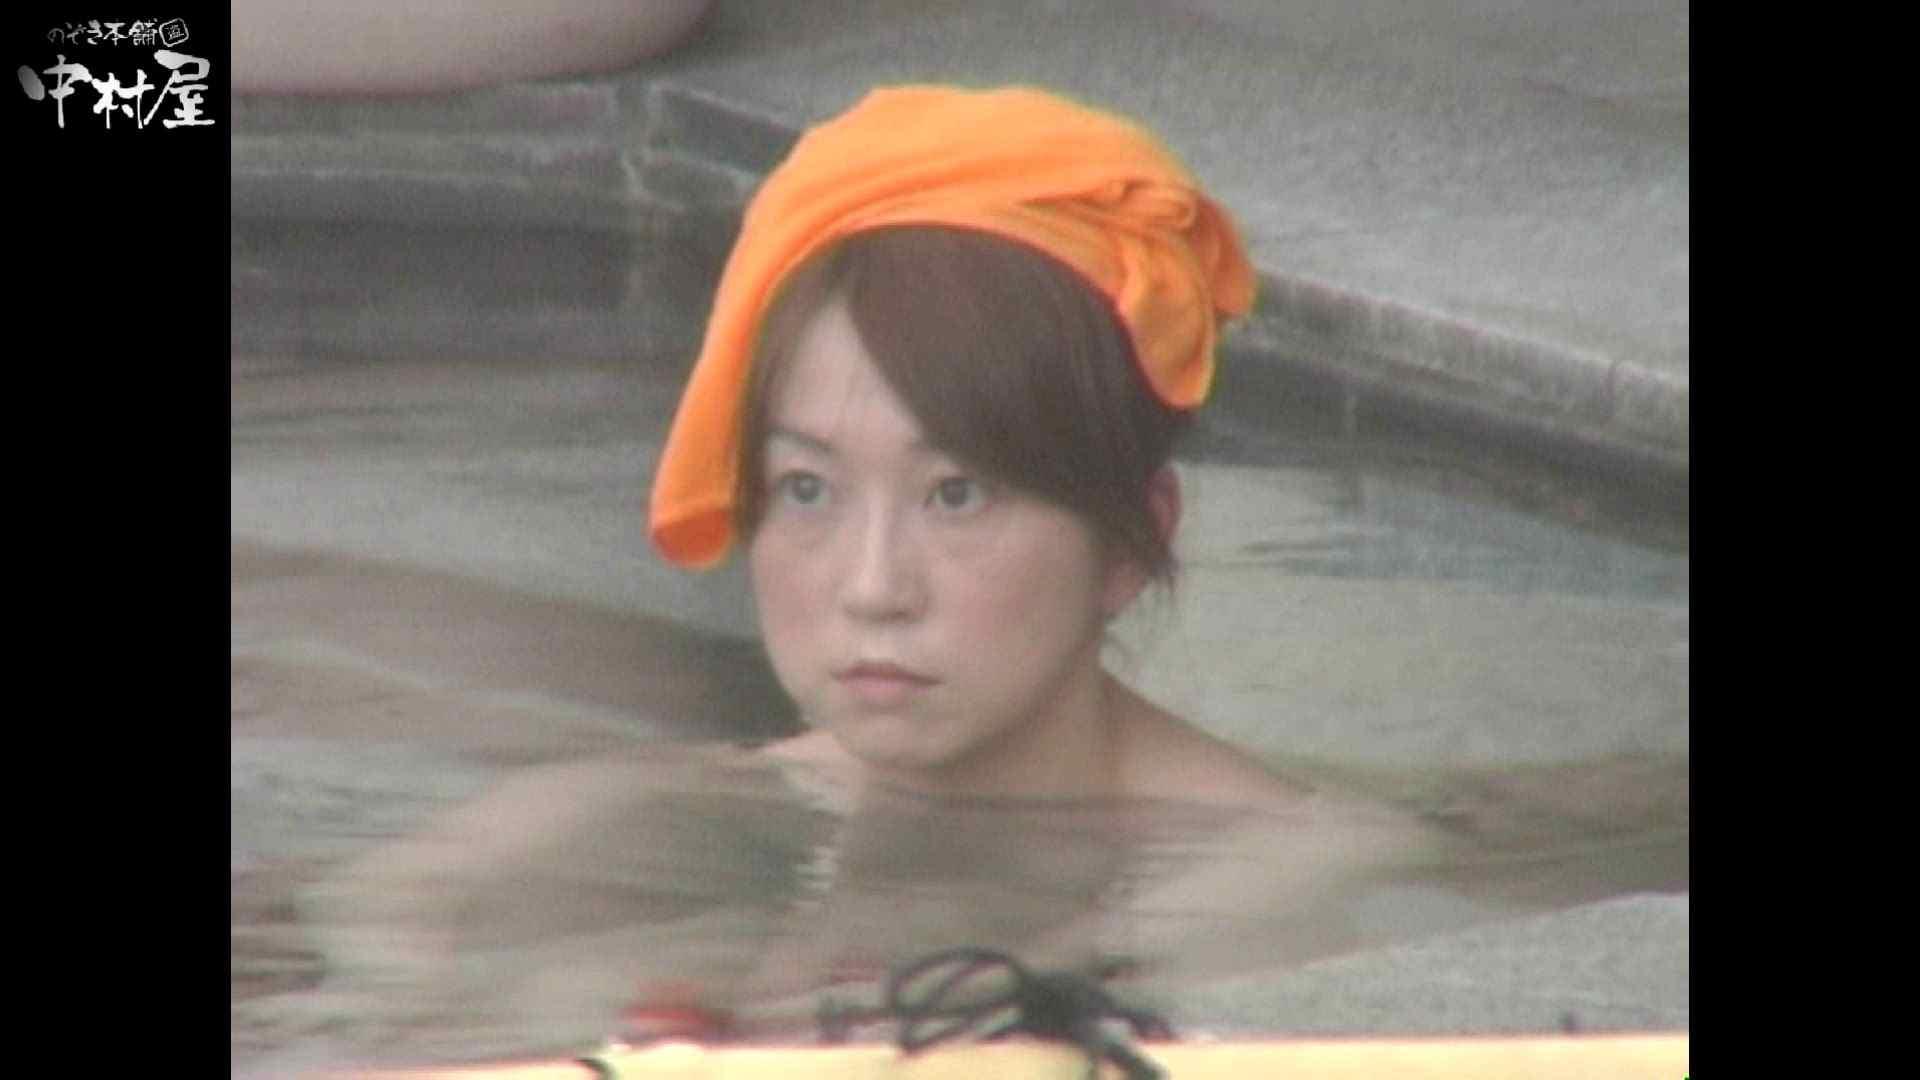 Aquaな露天風呂Vol.941 OLのエロ生活 アダルト動画キャプチャ 107連発 83